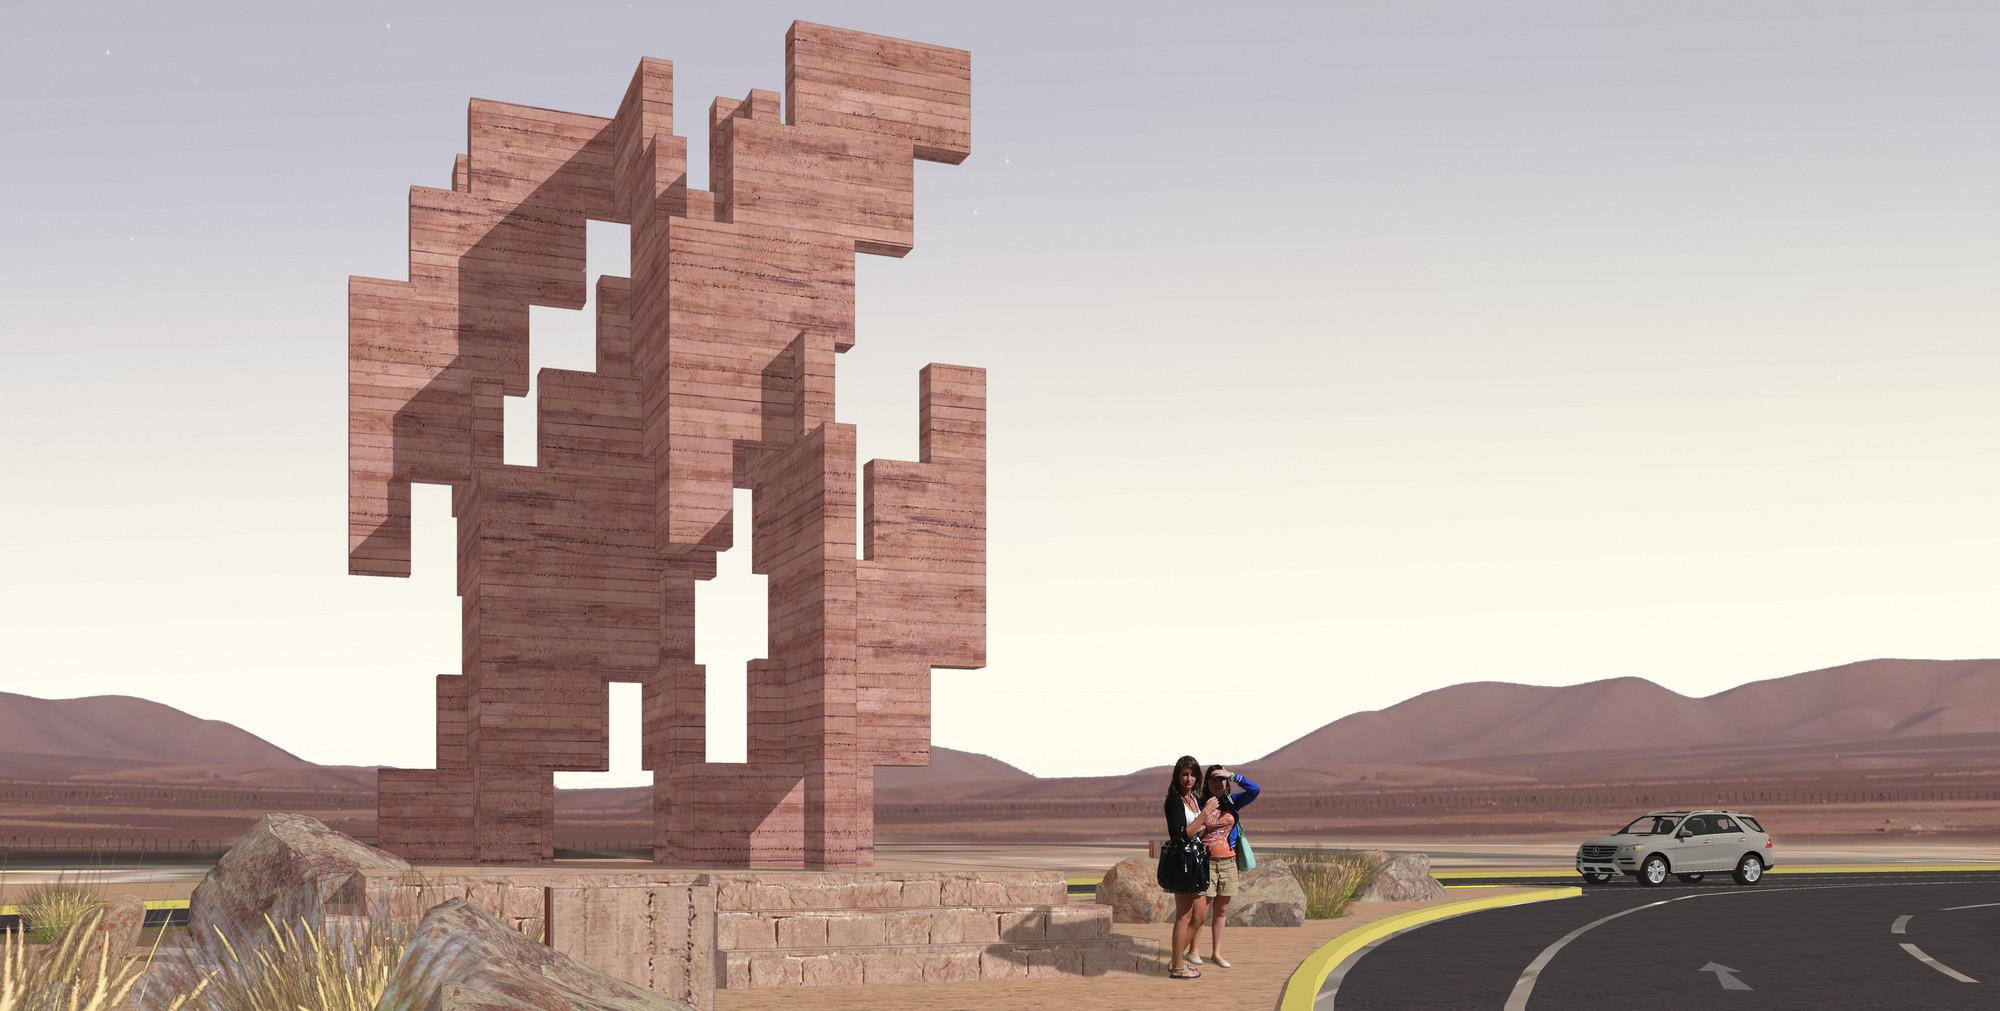 Trama del Tiempo, la escultura que se convertirá en un nuevo hito para el norte de Chile, Fotomotaje. Image Courtesy of Edison Suau